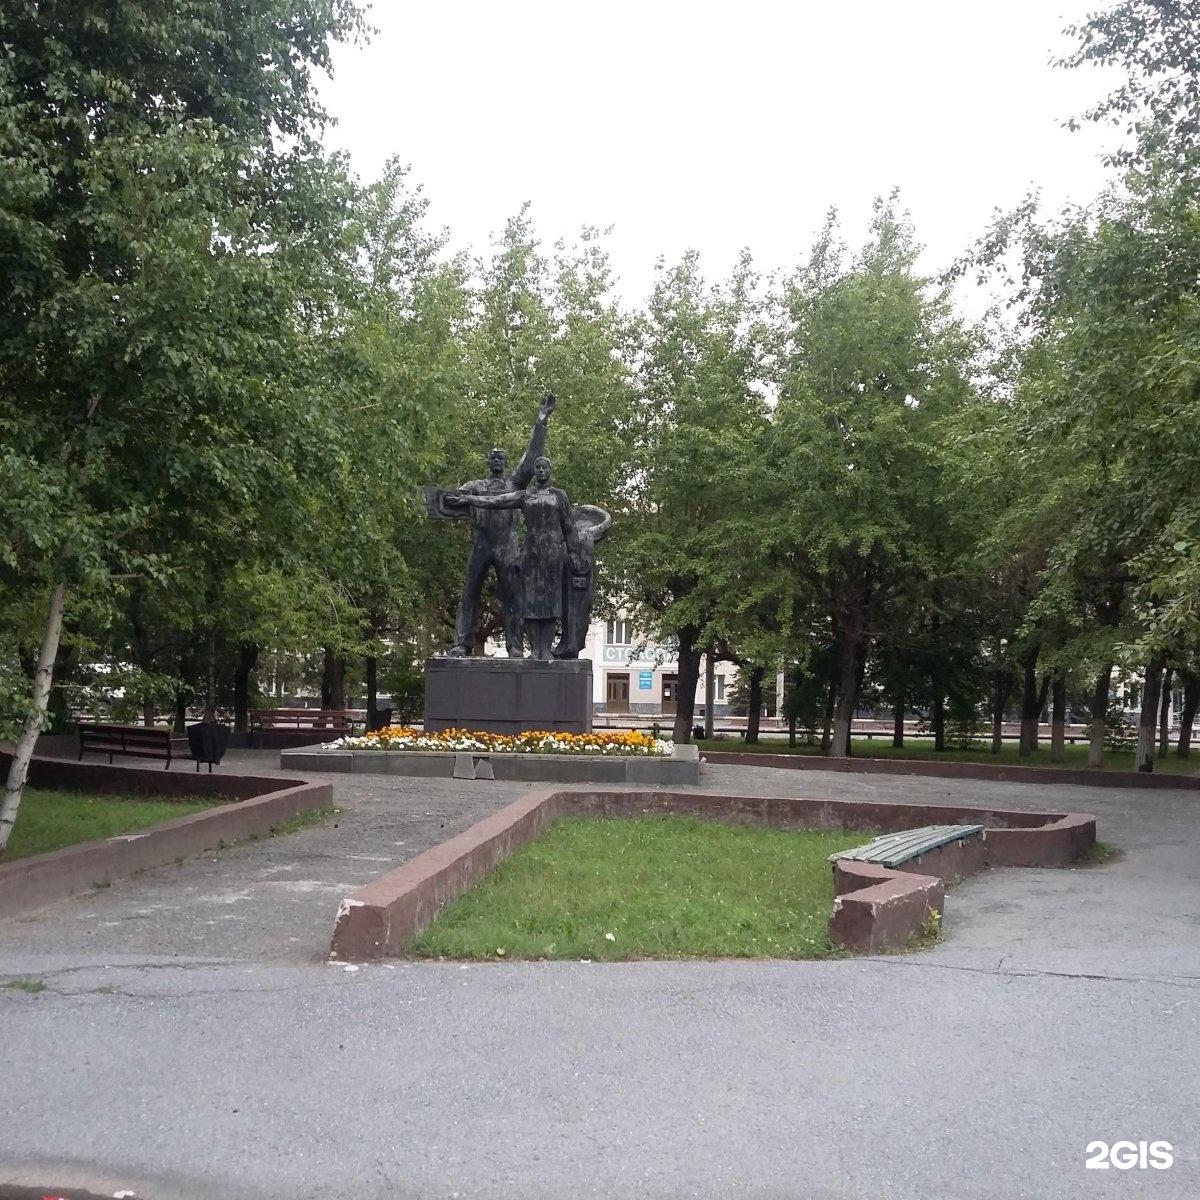 Снять проститутку в Тюмени сквер сквер Льва Корнеева снять проститутку в Тюмени ул Рейдовая